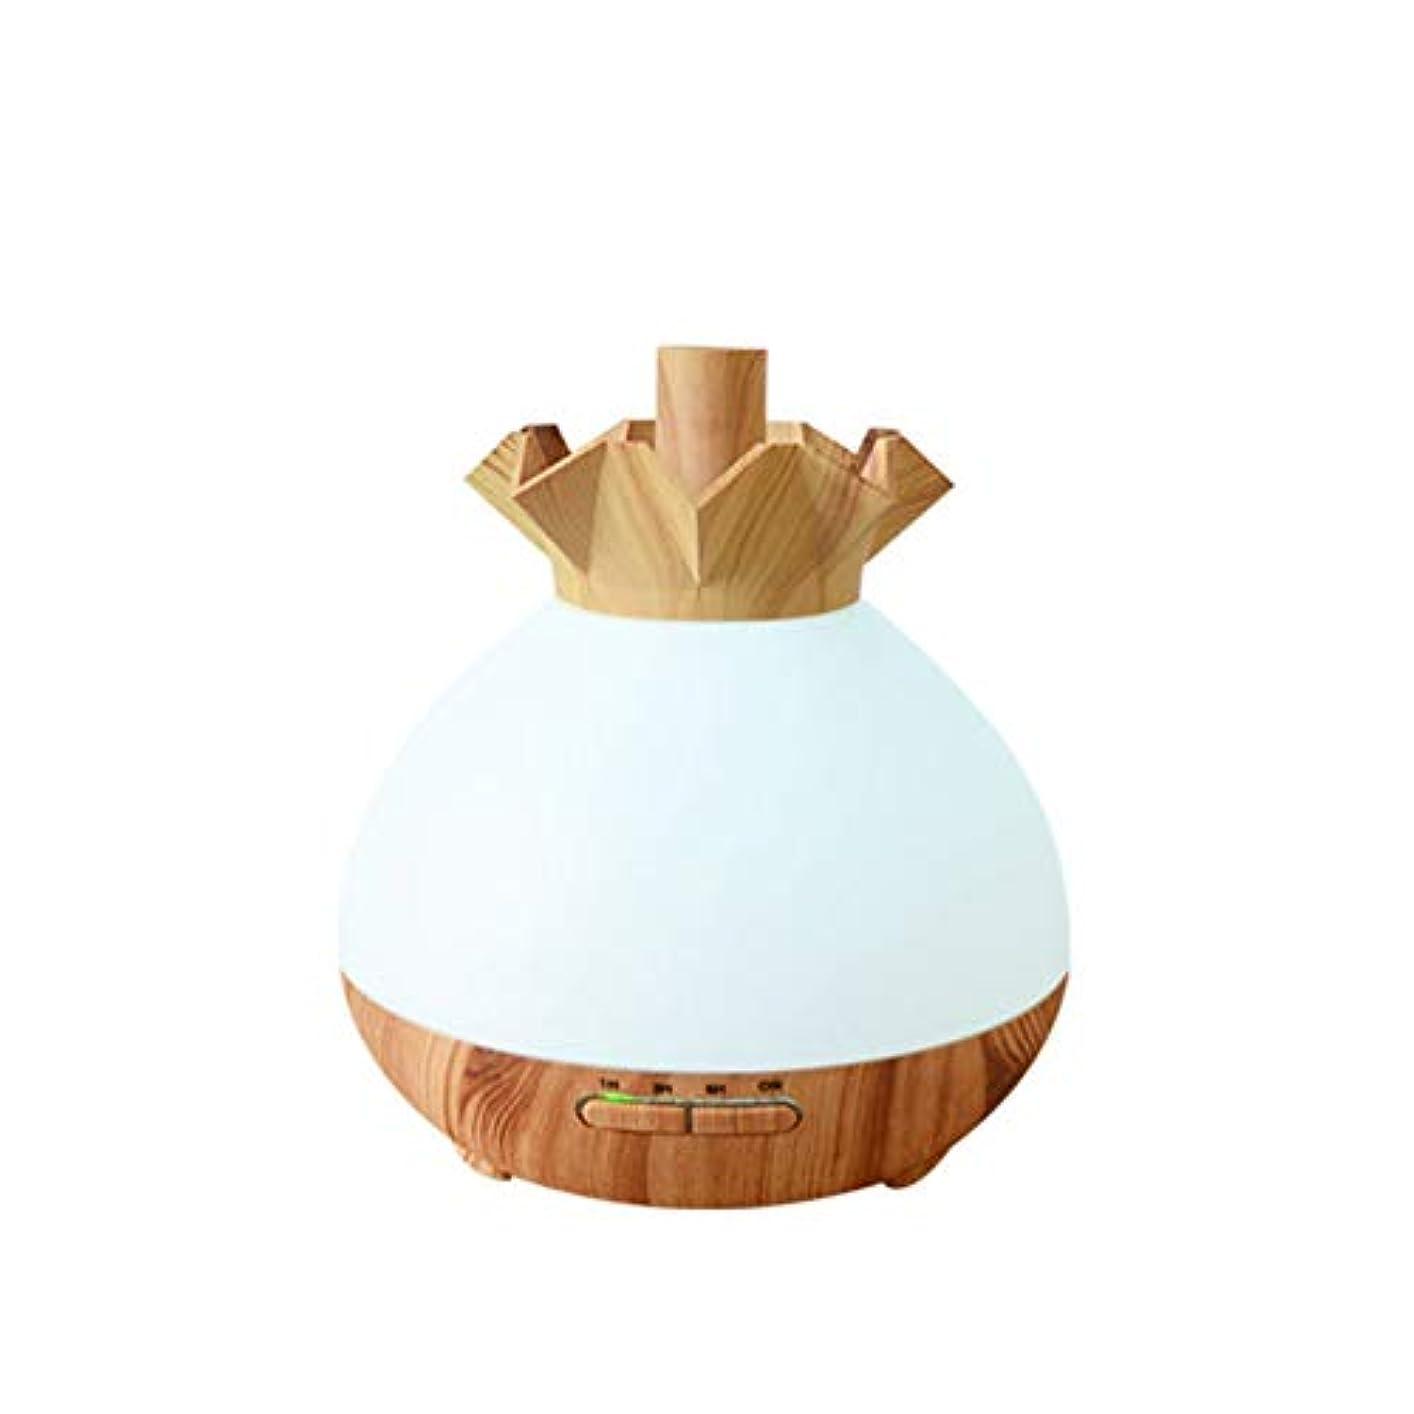 厚くする投げ捨てるペナルティWifiアプリコントロール 涼しい霧 加湿器,7 色 木目 空気を浄化 加湿機 プレミアム サイレント 精油 ディフューザー アロマネブライザー ベッド- 400ml